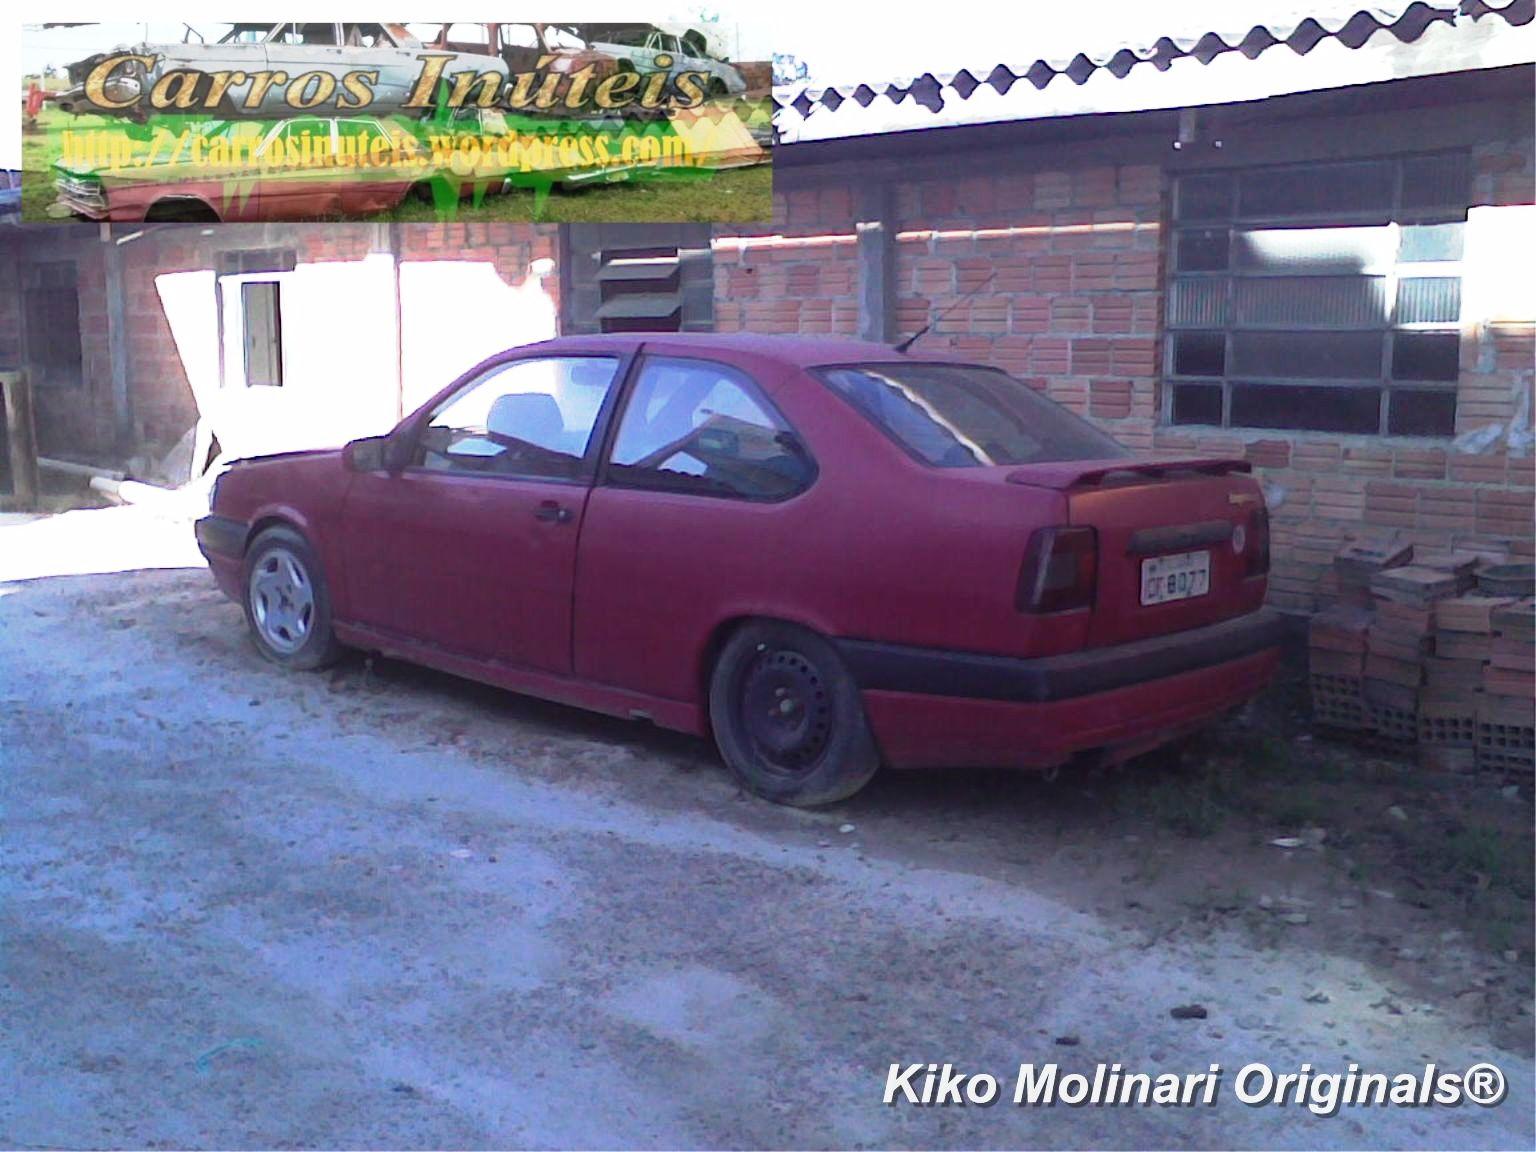 uFiat-Tempra-Turbo-Kiko-Molinari-Porto-Belo-SC-2 Fiat Tempra